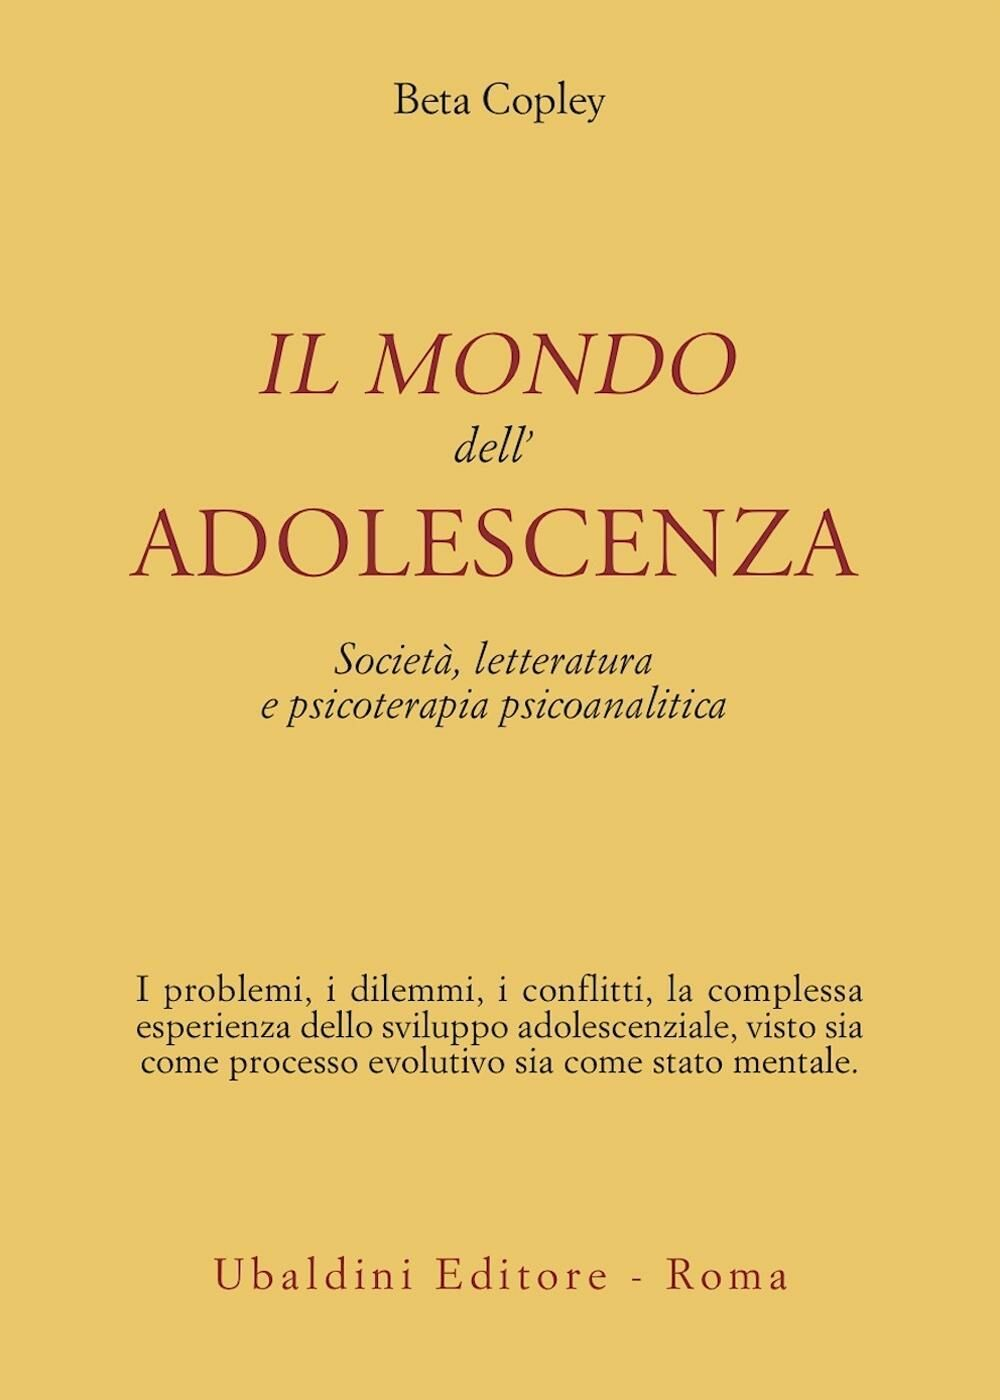 Il mondo dell'adolescenza. Società, letteratura e psicoterapia psicoanalitica